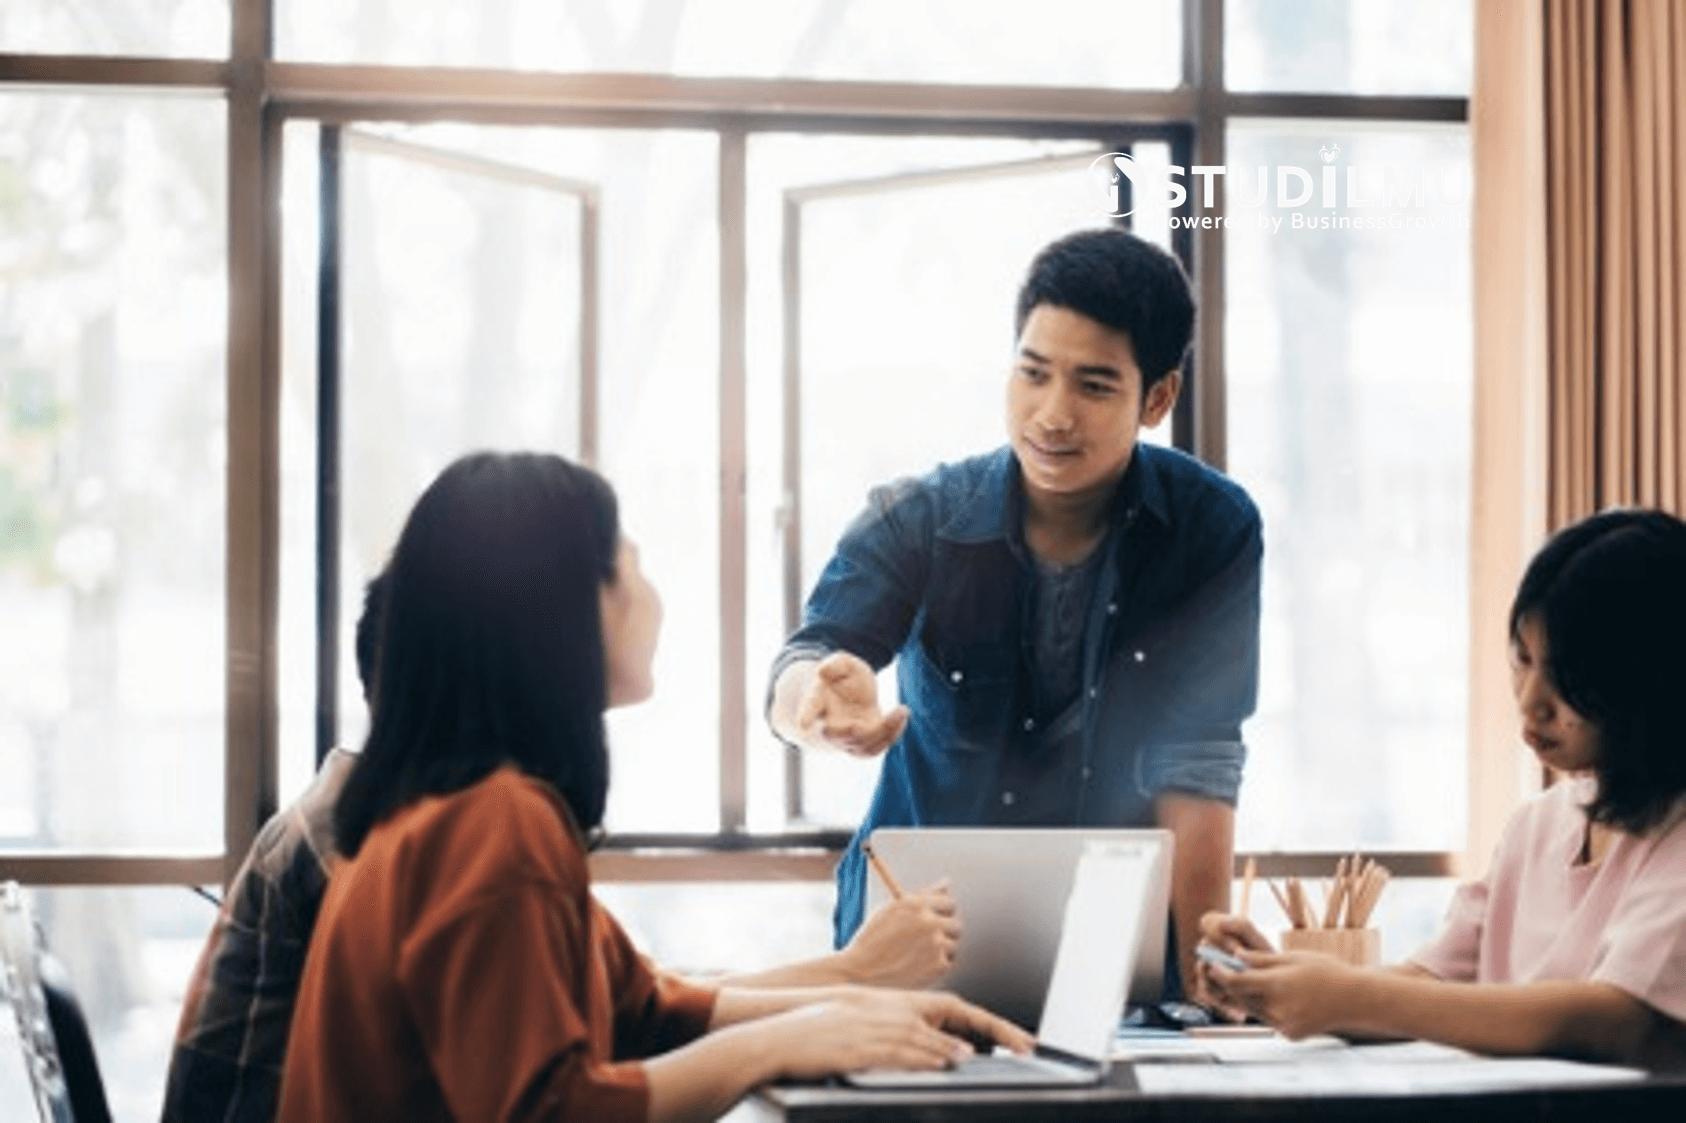 STUDILMU Career Advice - Pentingkah Memiliki Tujuan Bekerja?